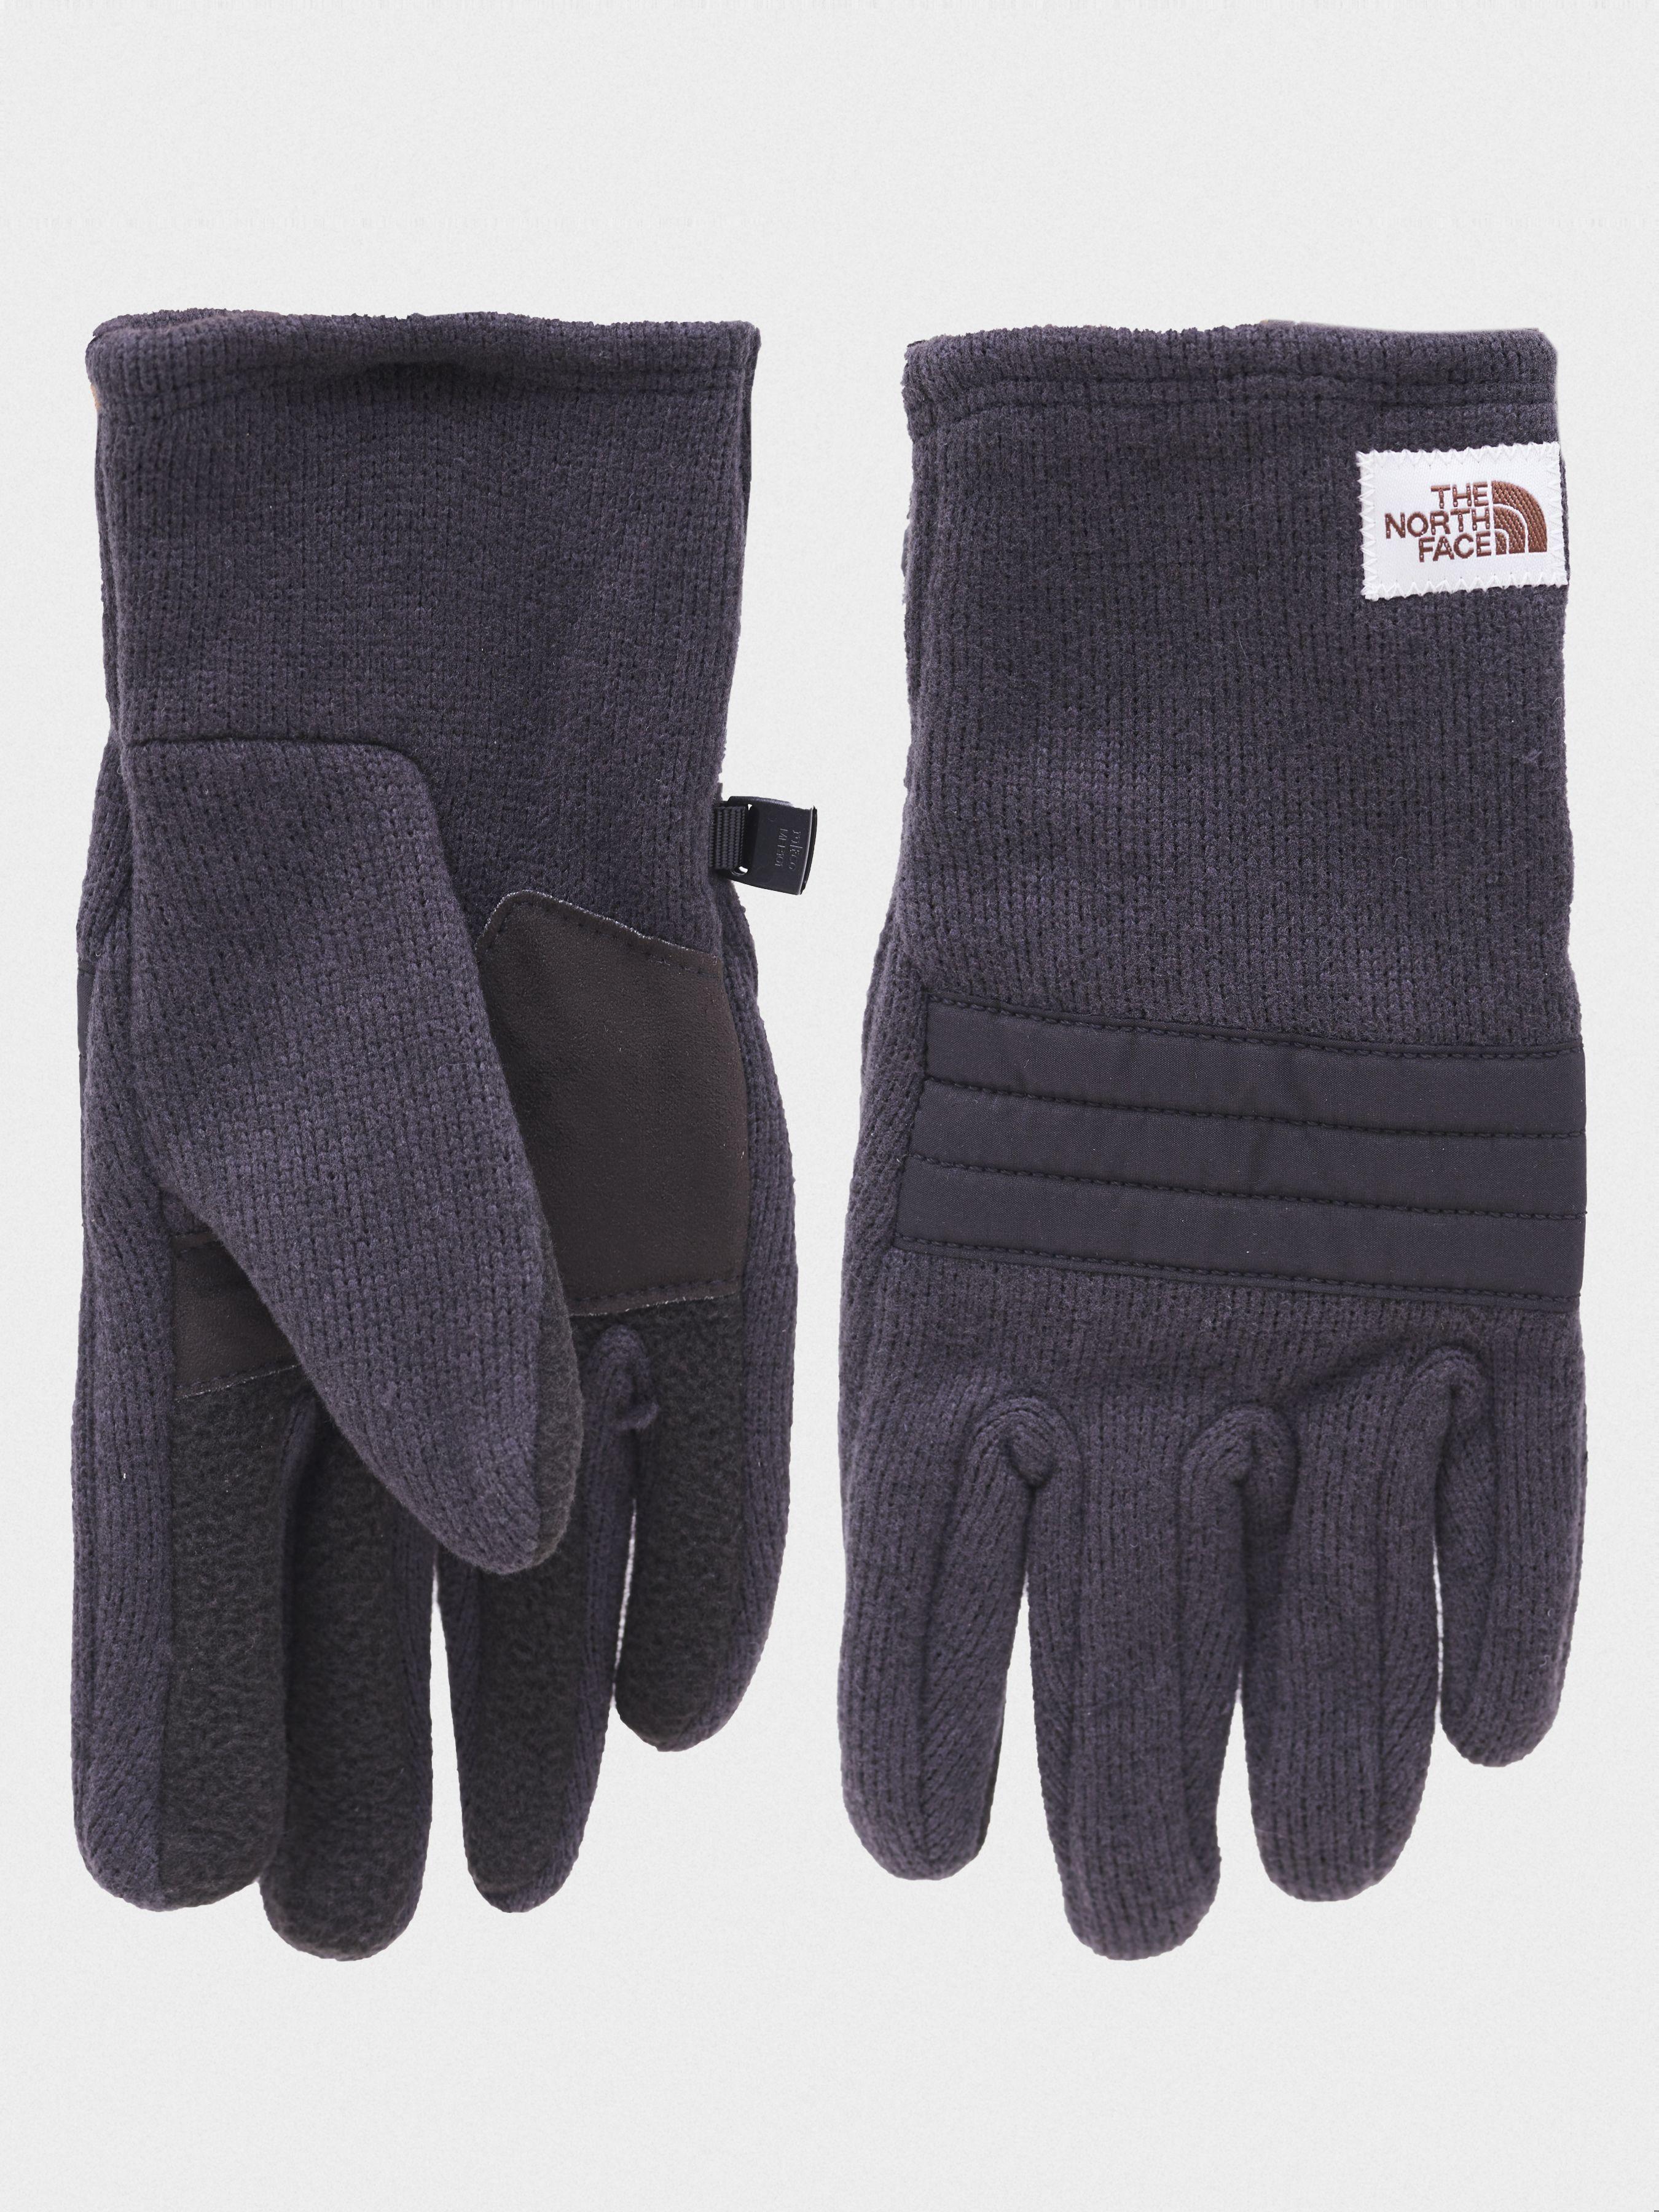 Купить Перчатки и варежки мужские модель N2784, The North Face, Черный